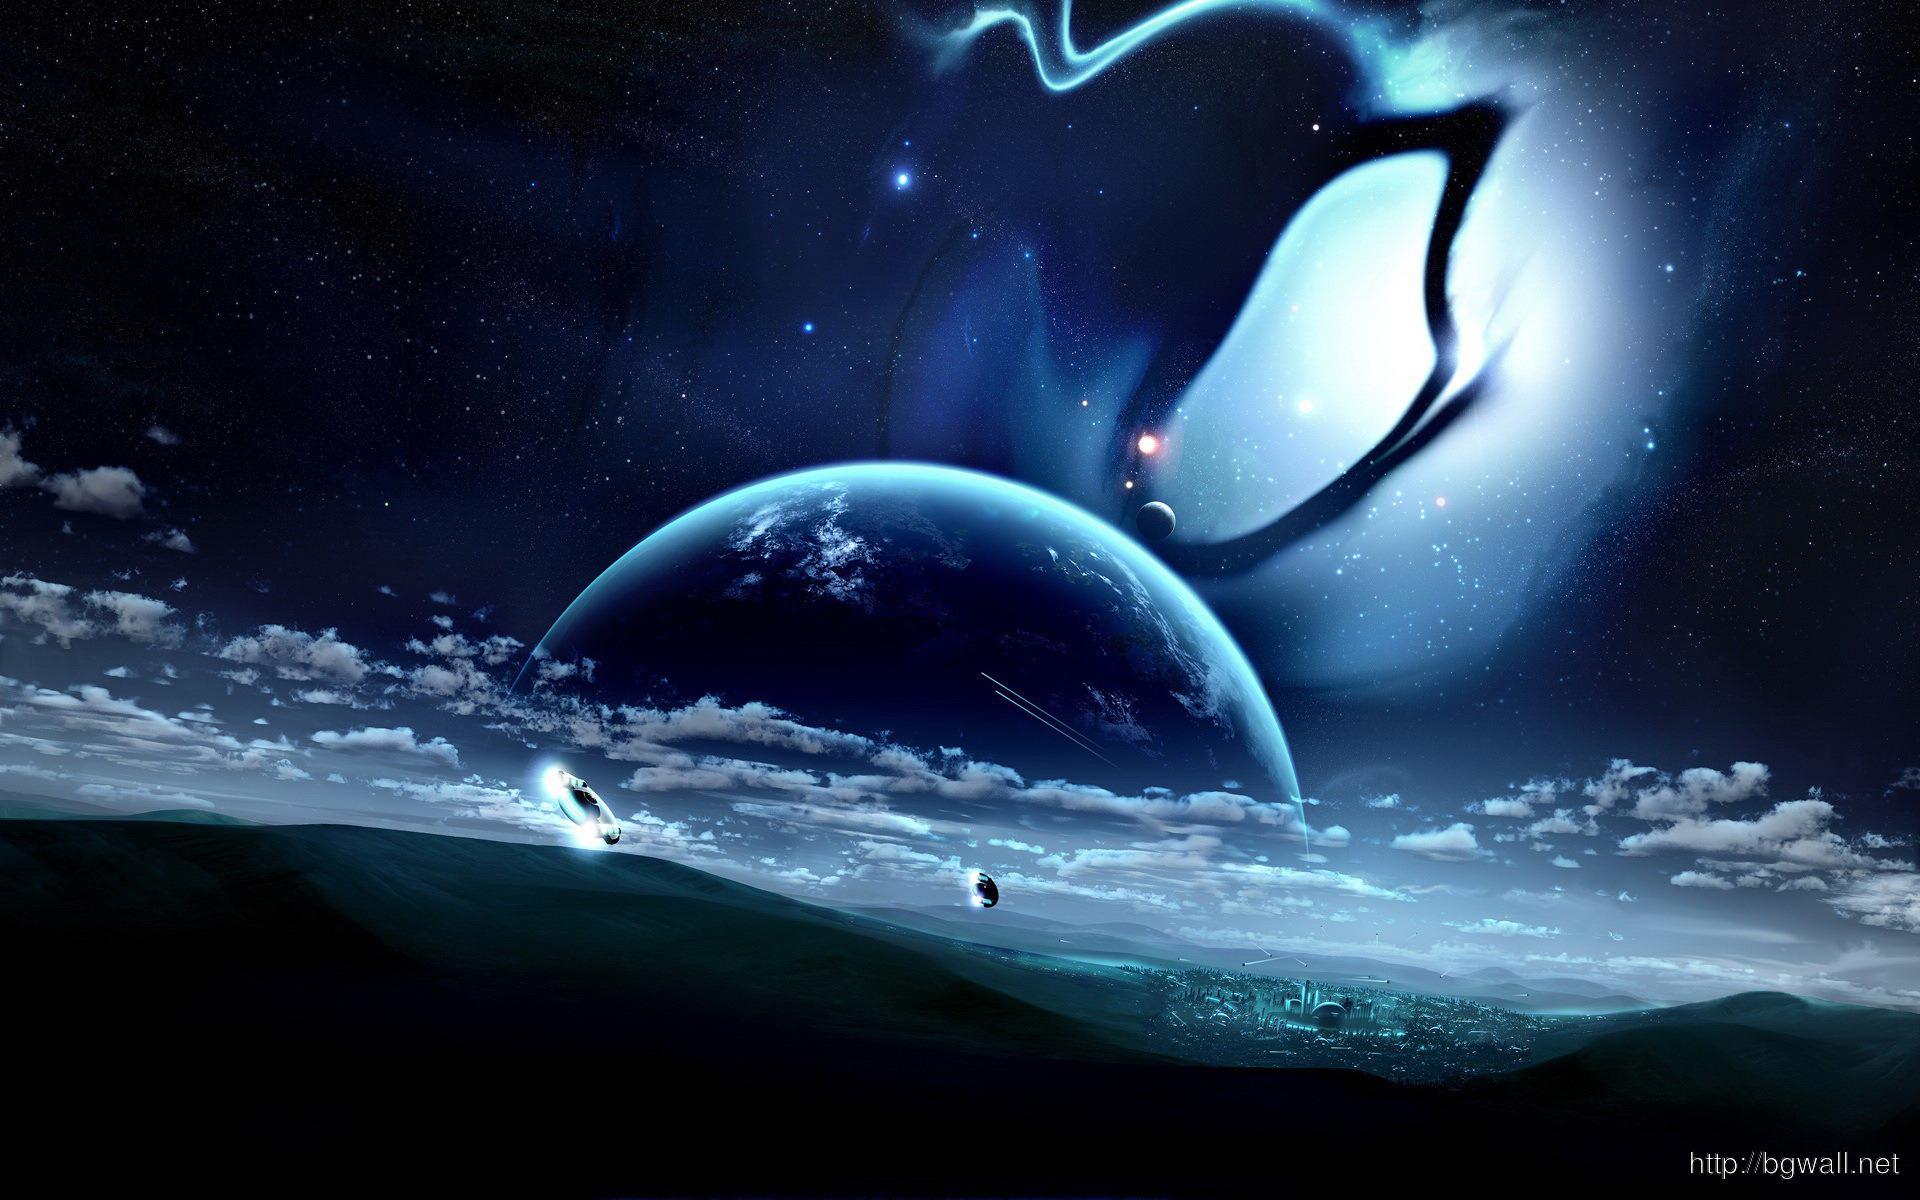 Futuristic Planet Wallpaper 2323 Full Size